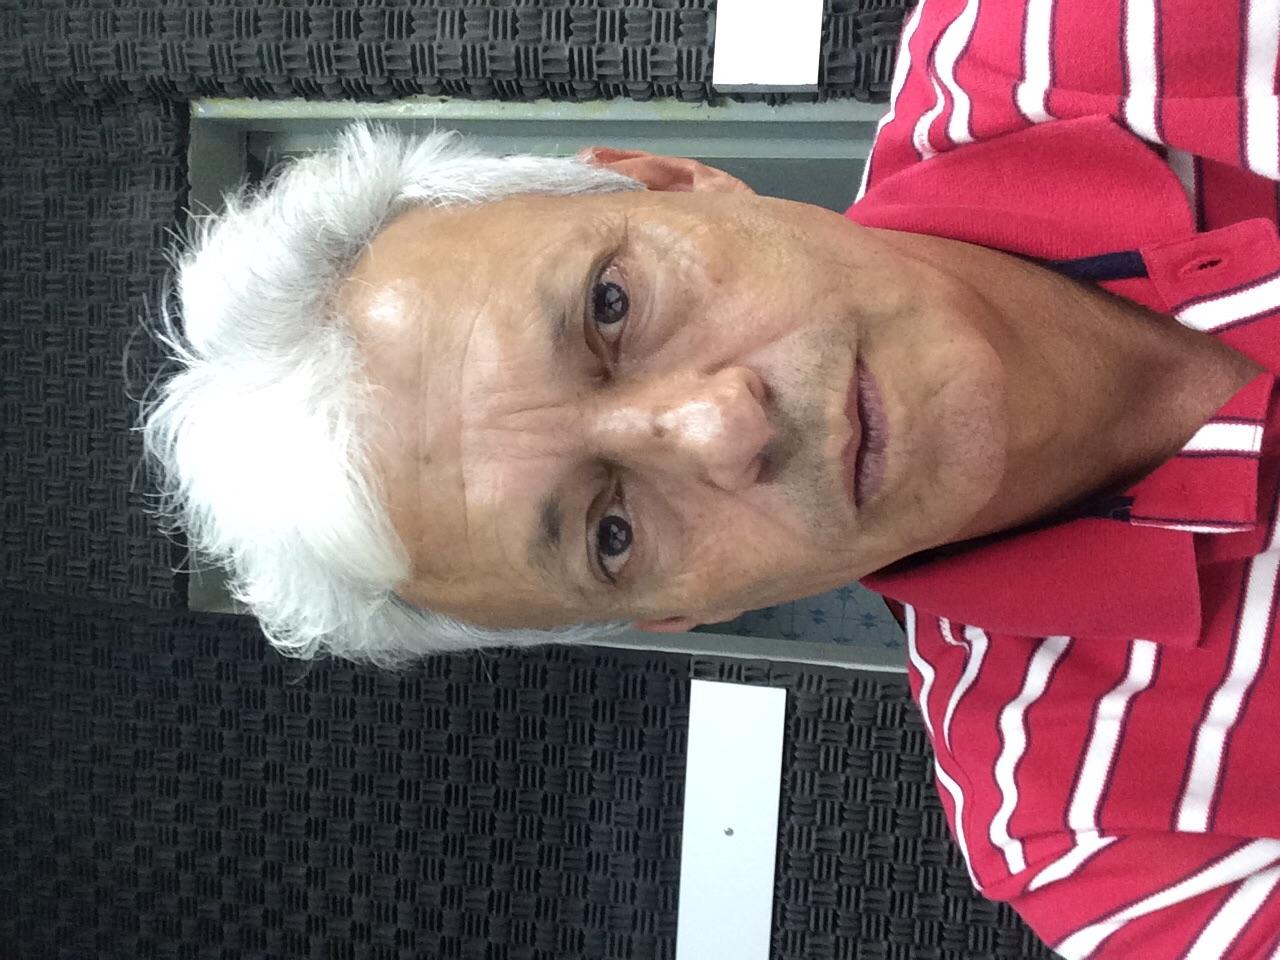 Foto de rosto, cabelos grisalhos, cor morena. Camisa com listras em horizontal nas cores vermelho e branco.